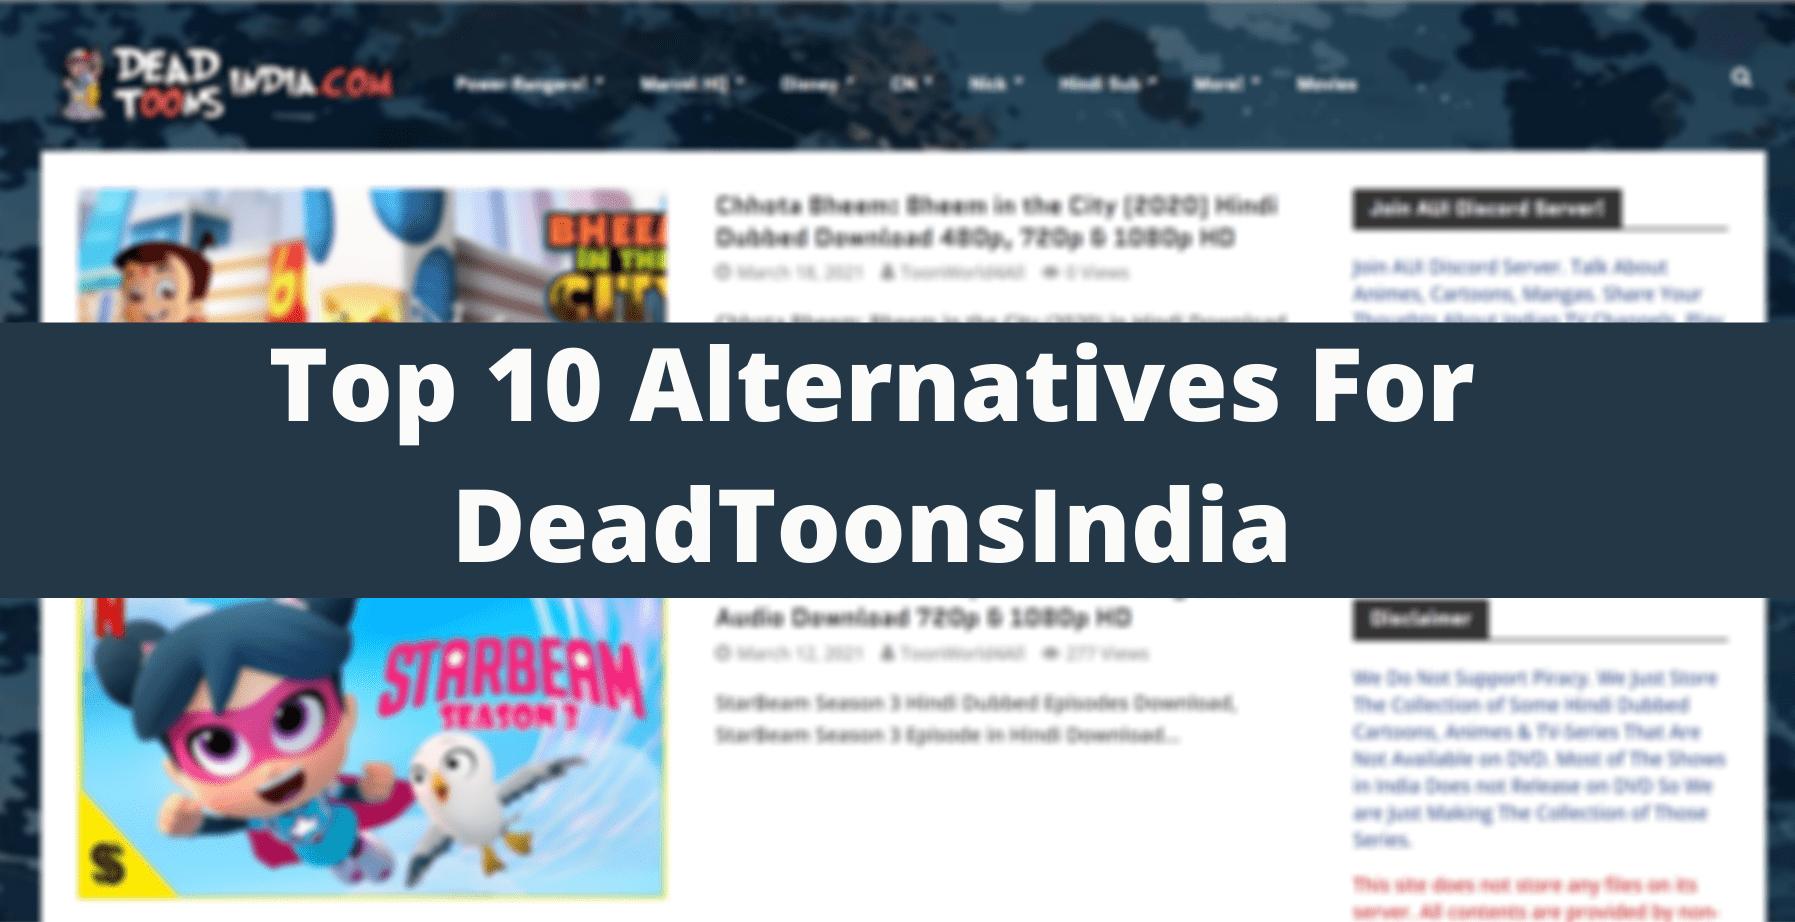 Alternatives-For-DeadToonsIndia